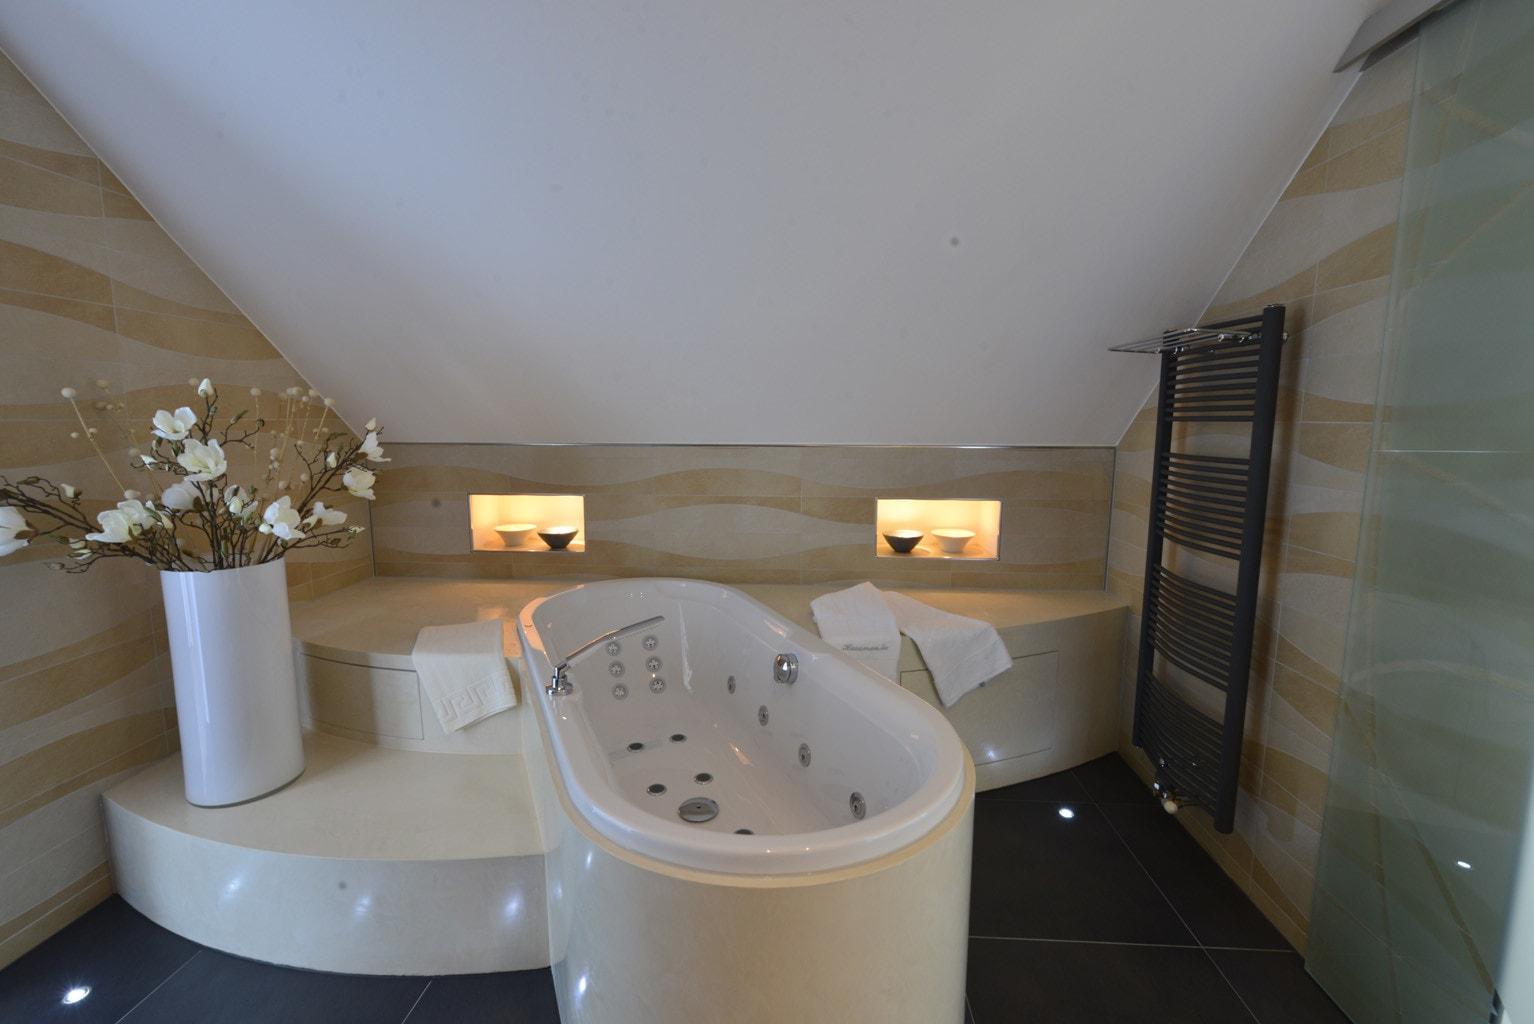 Clipso Spanndecken mit Beleuchtungseinheiten im Badezimmer